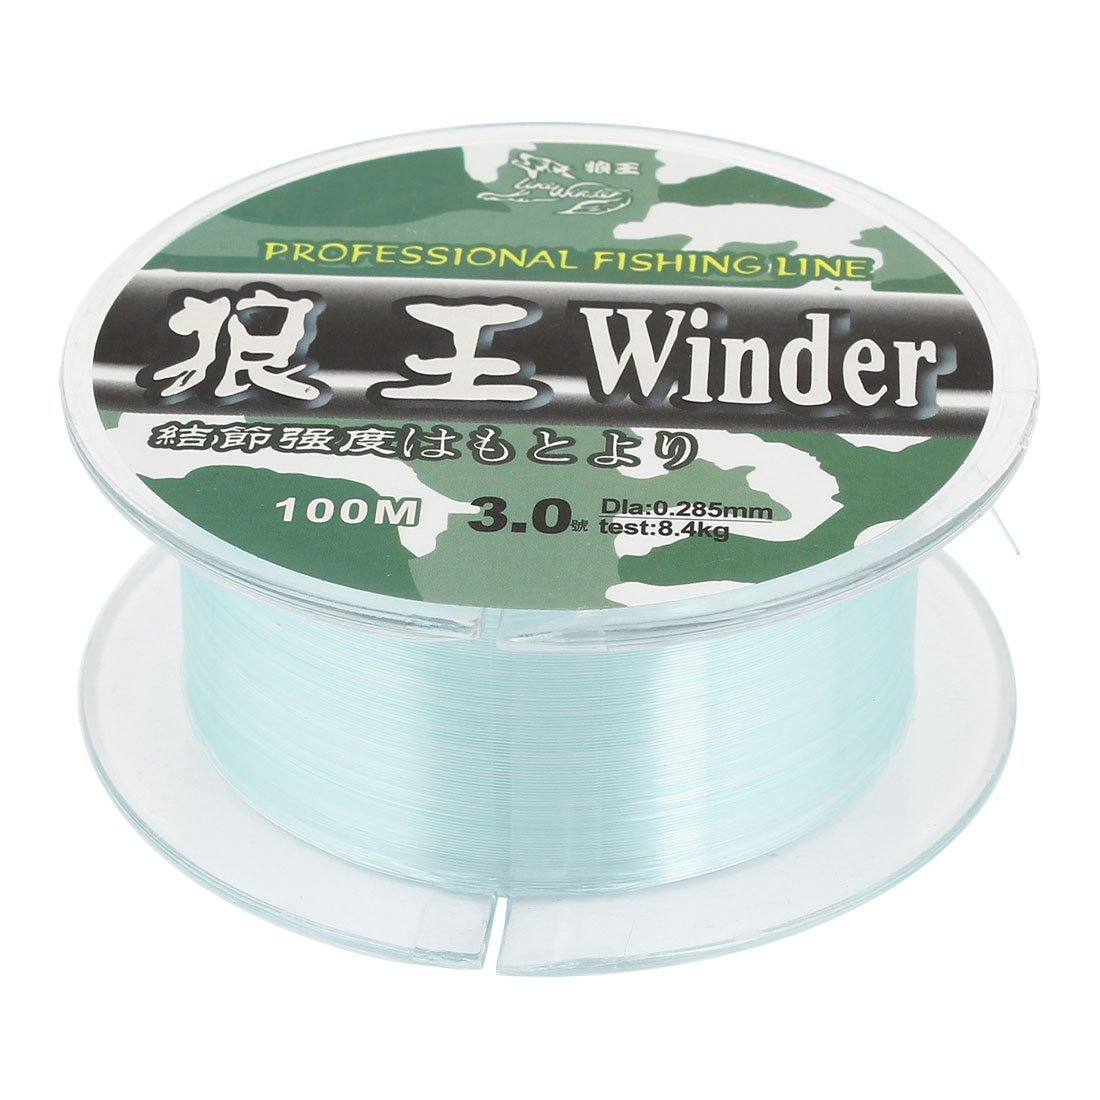 Como vert 0.285mm Dia 8,4 kg d'eau douce Ligne de pêche Spool 328ft 3.0 #